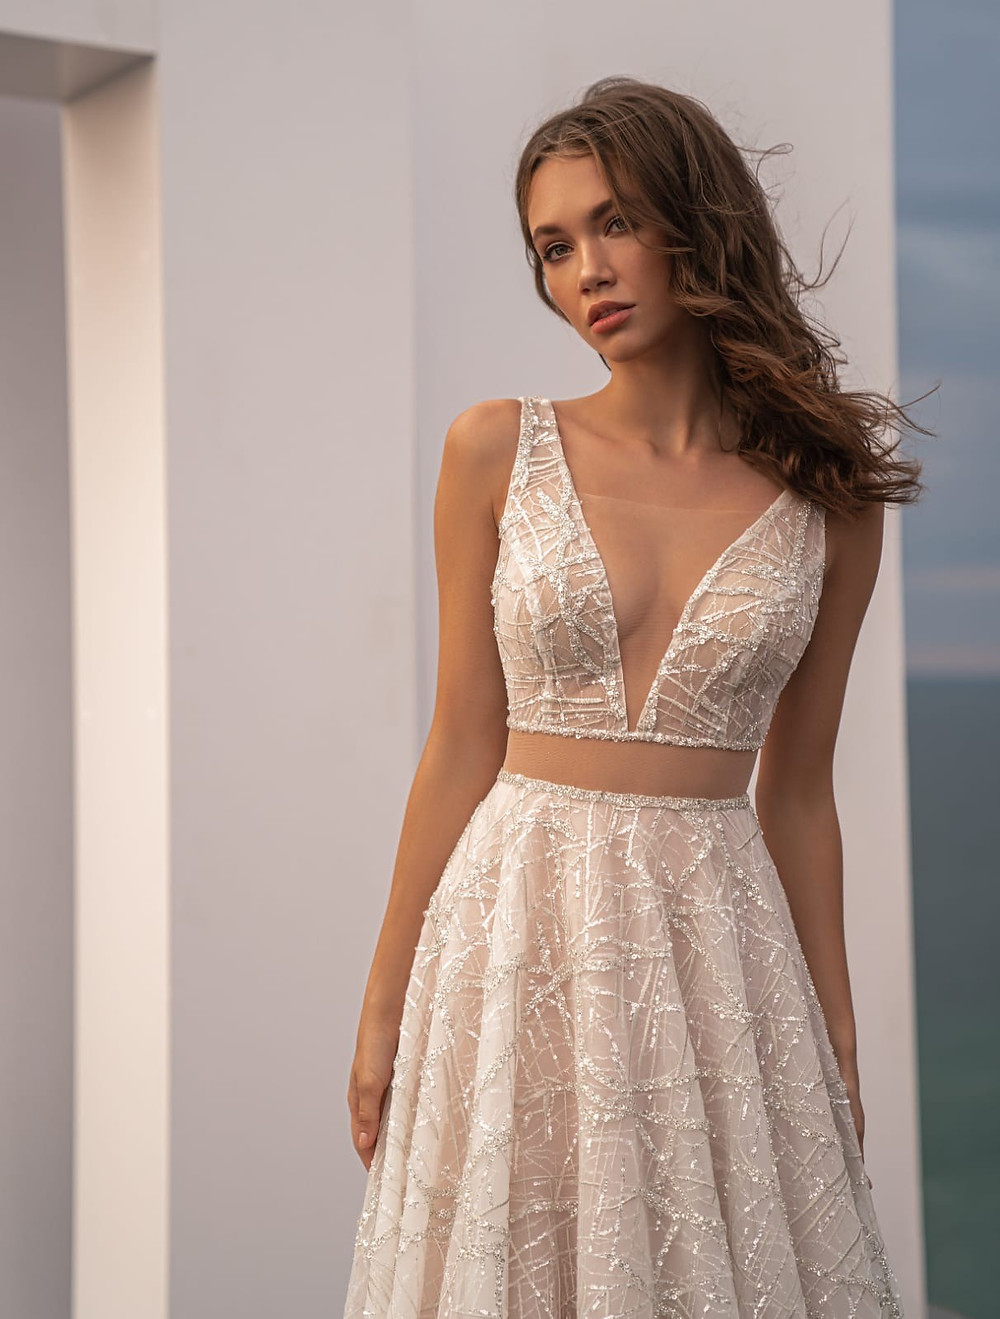 rochii de mireasa, rochii de mireasa lux